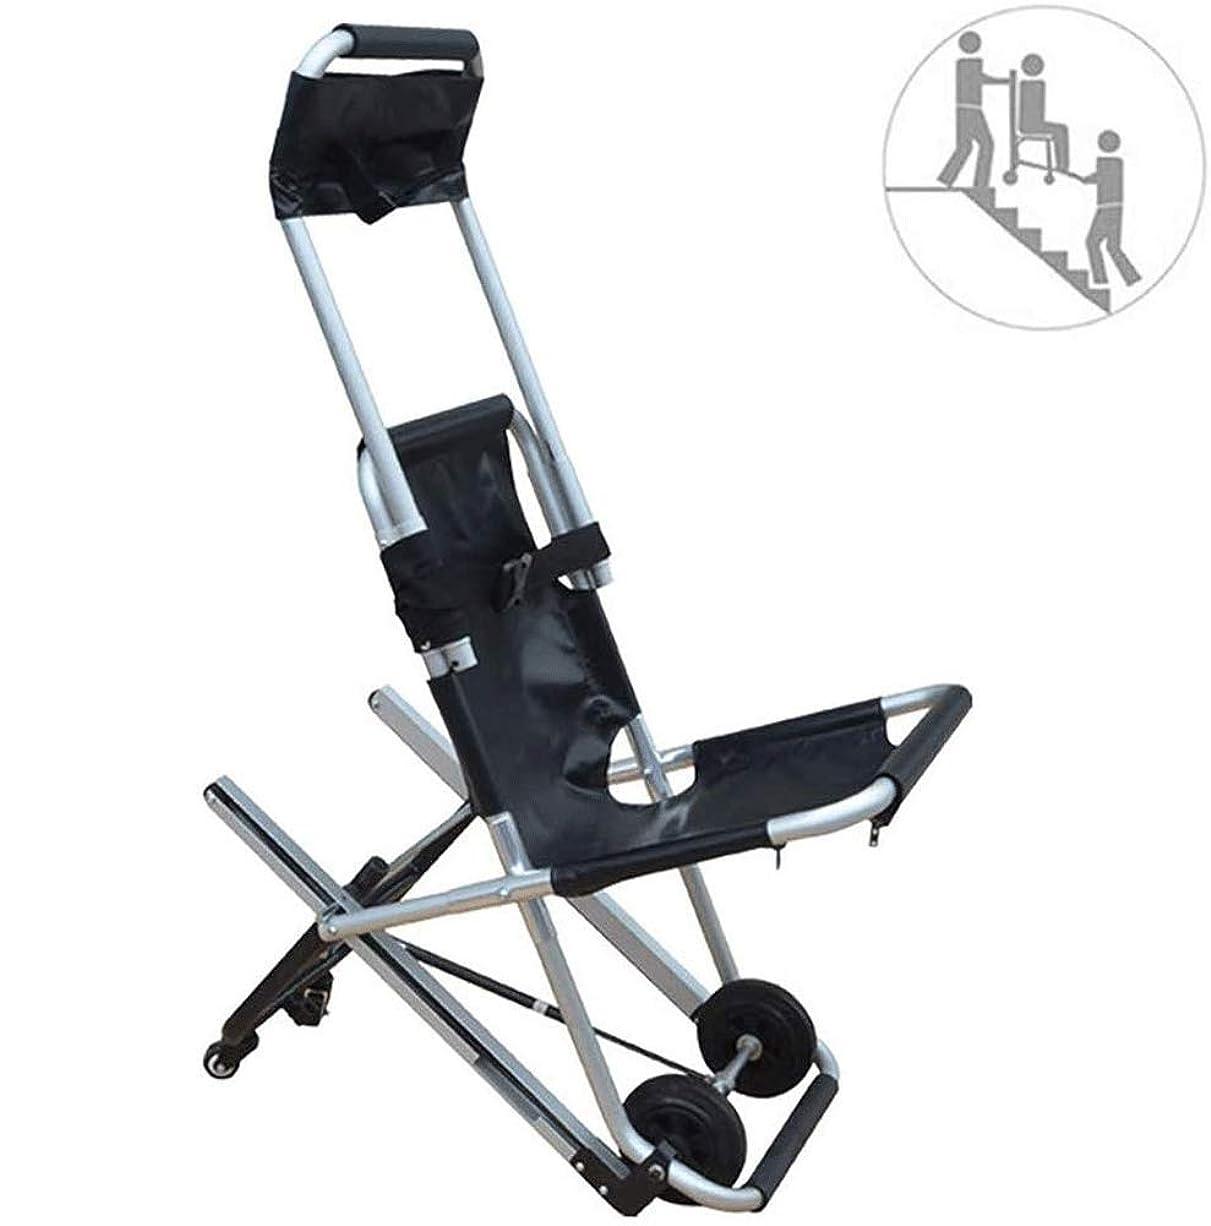 幾分抑制滑る折り畳み式のEMS階段椅子、高齢者、障害者のためのクイックリリースバックル付き4ホイールアルミ軽量医療モビリティエイドで追跡階段チェア (Color : 黒)